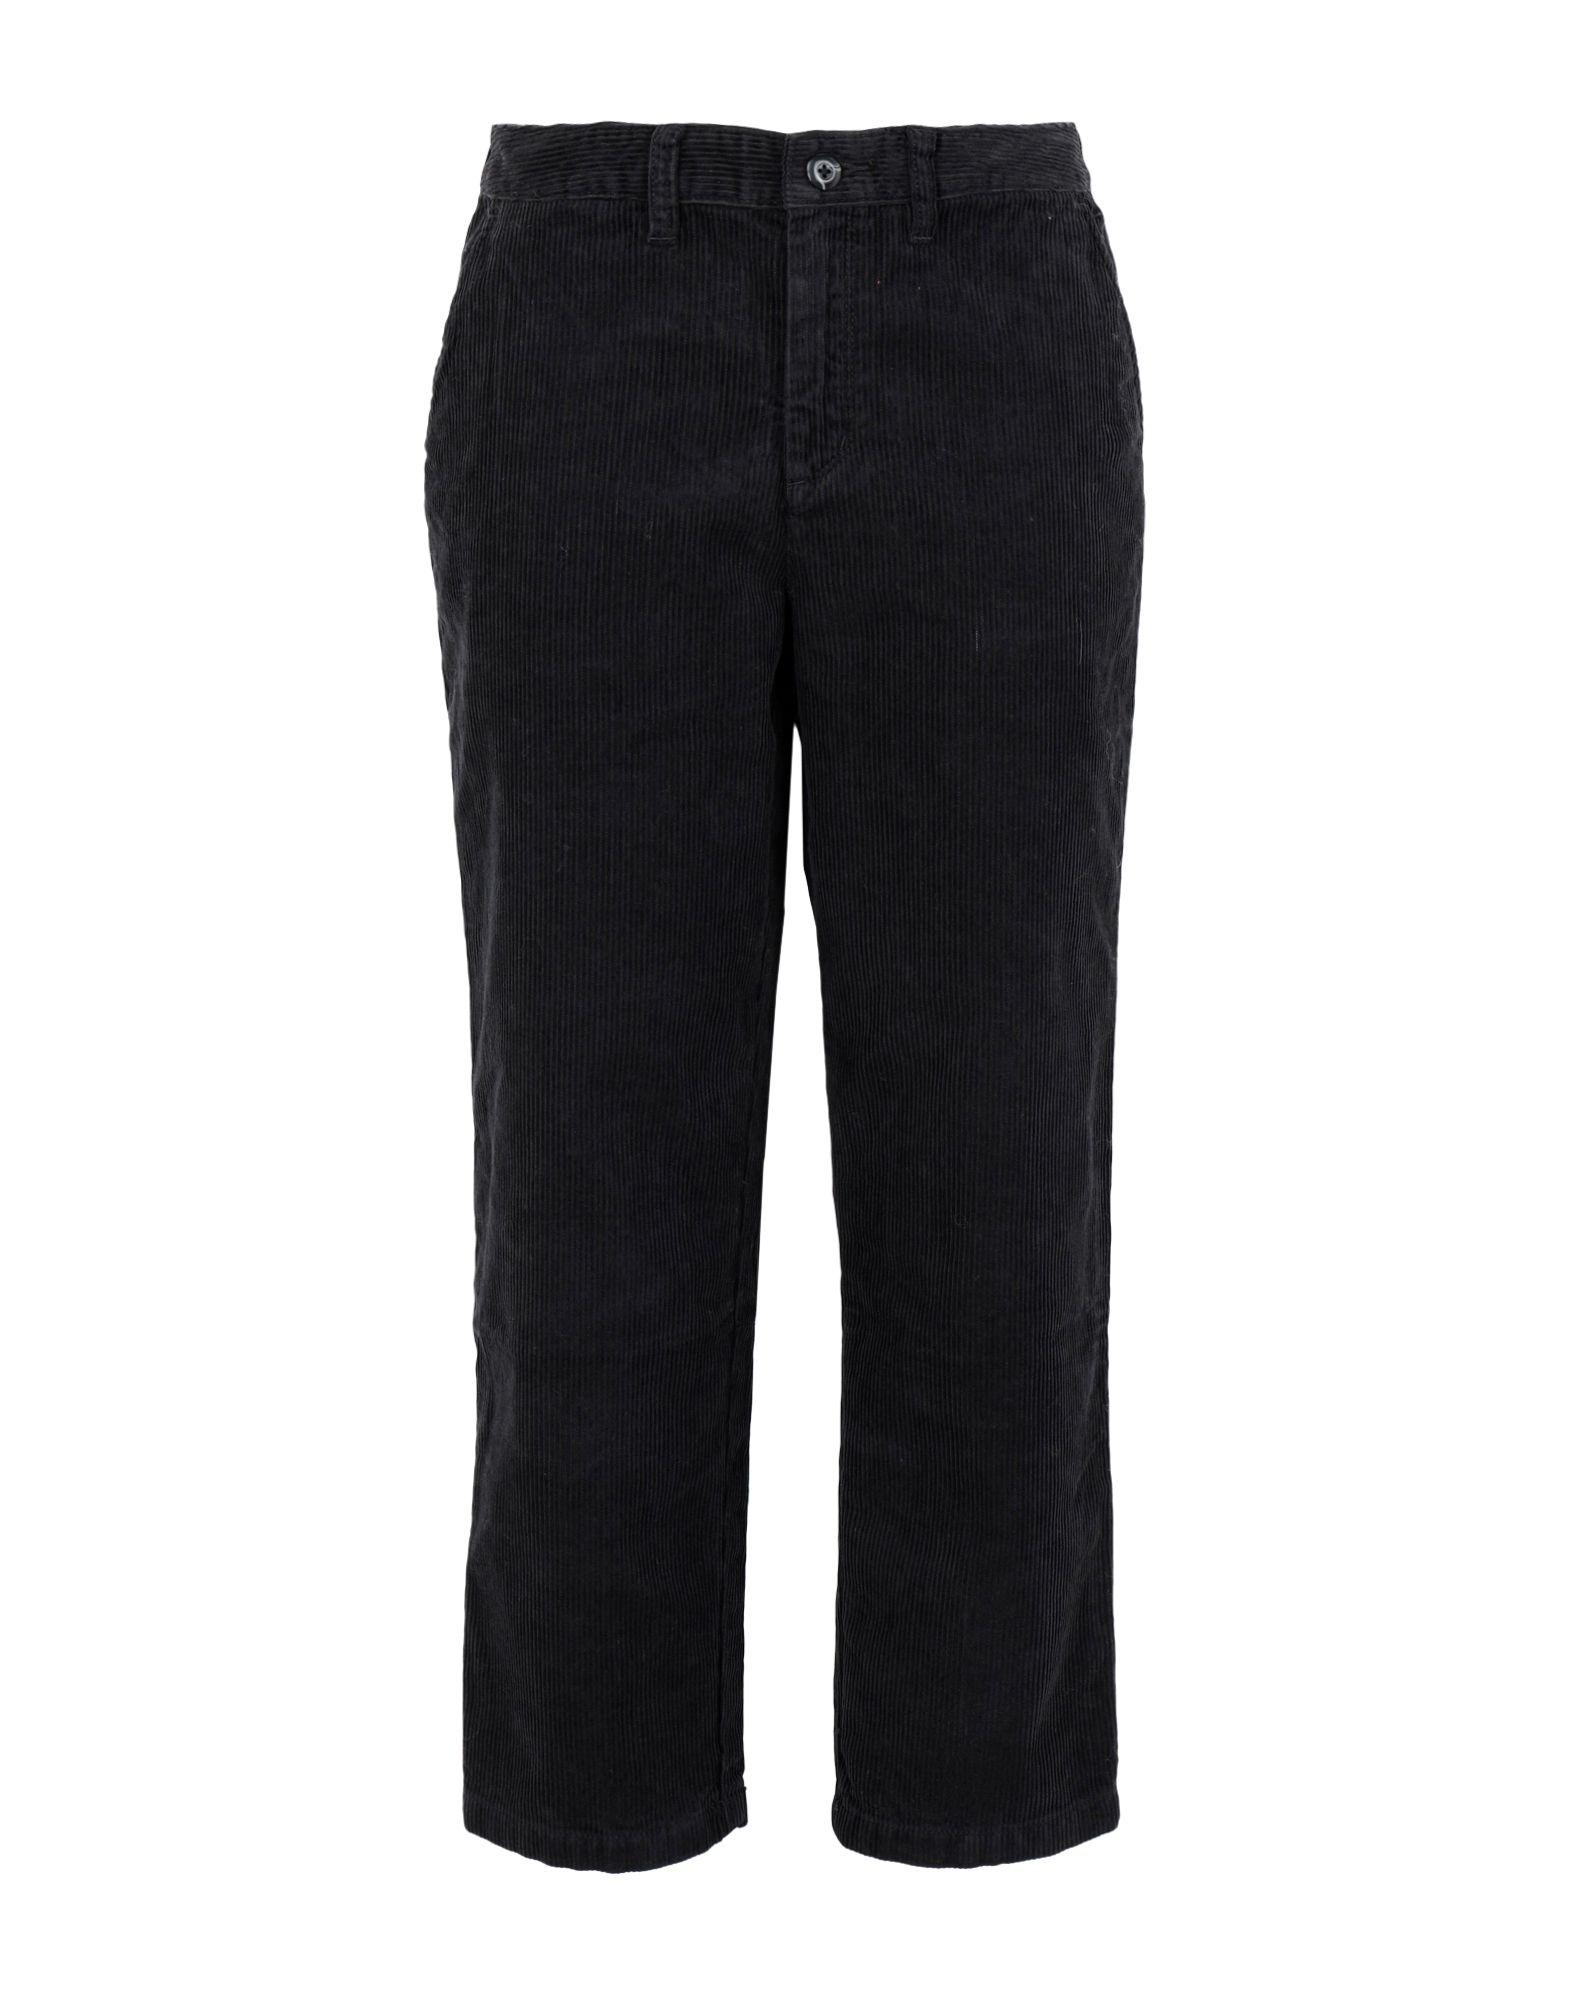 《期間限定 セール開催中》VANS レディース パンツ ブラック 27 コットン 100% WM SUMMIT PANT Black (DESIGN ASSEMBLY)